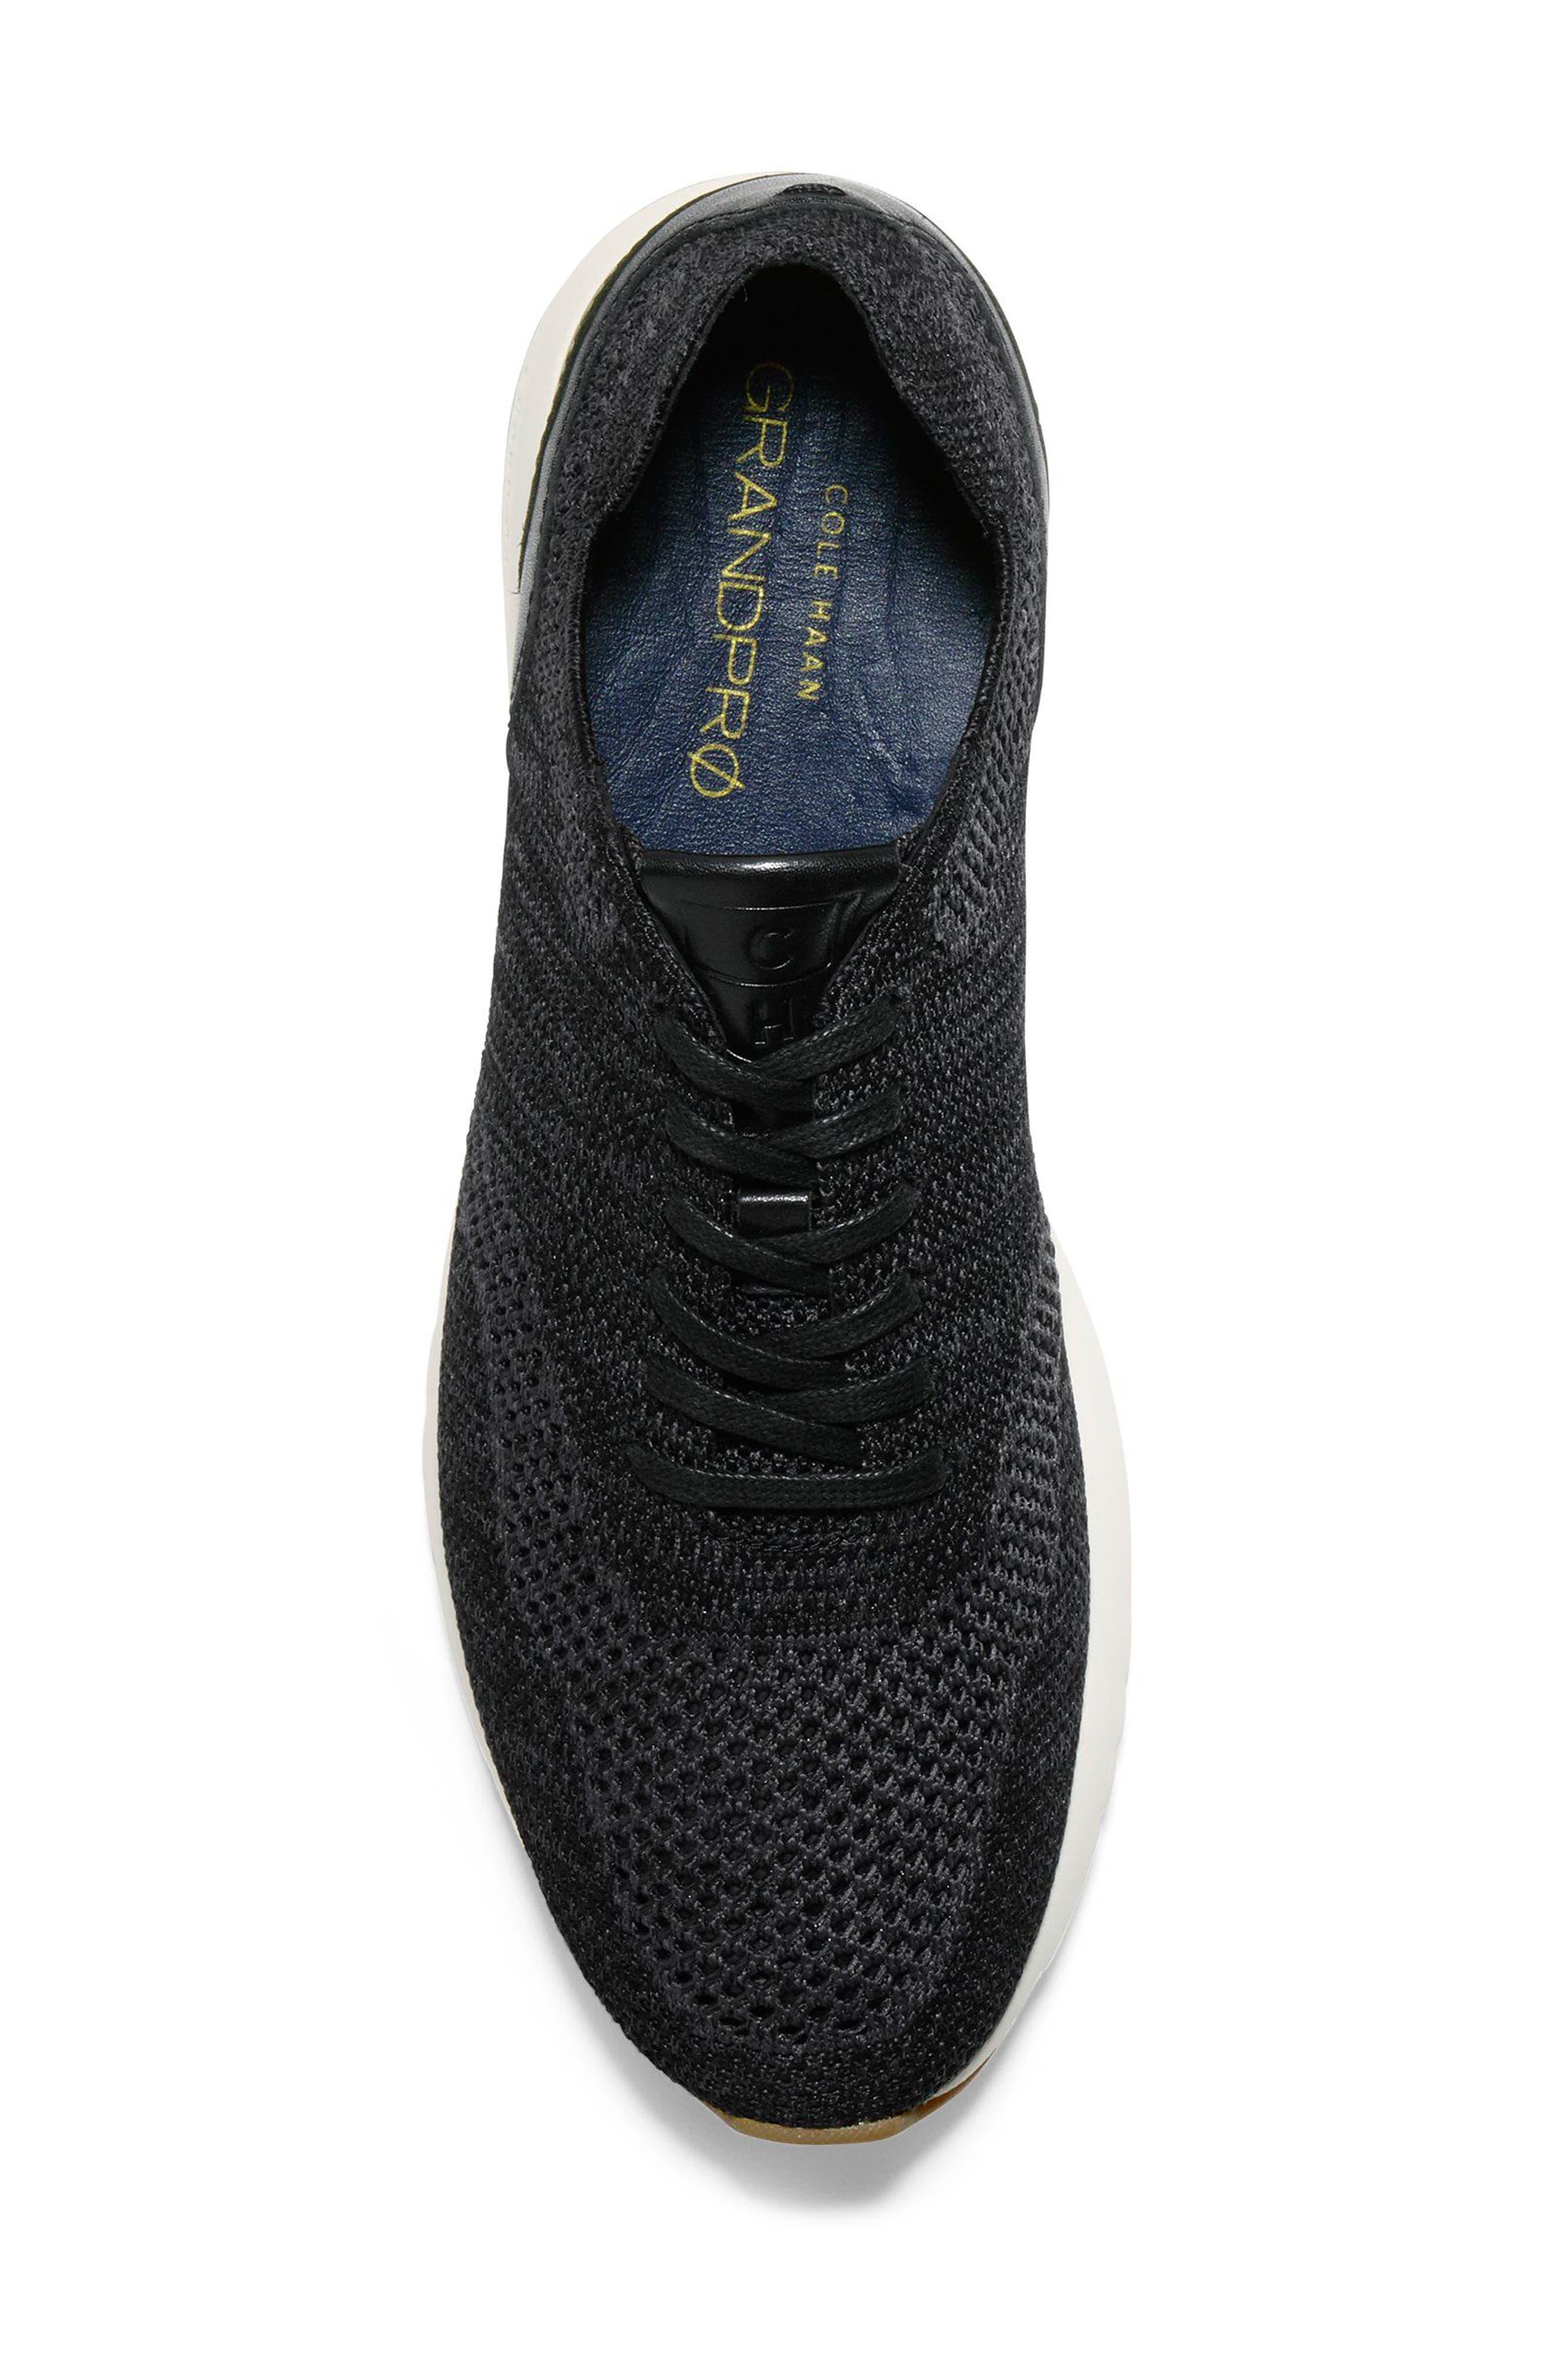 GrandPro Runner Stitchlite Sneaker,                             Alternate thumbnail 5, color,                             Black / Magnet